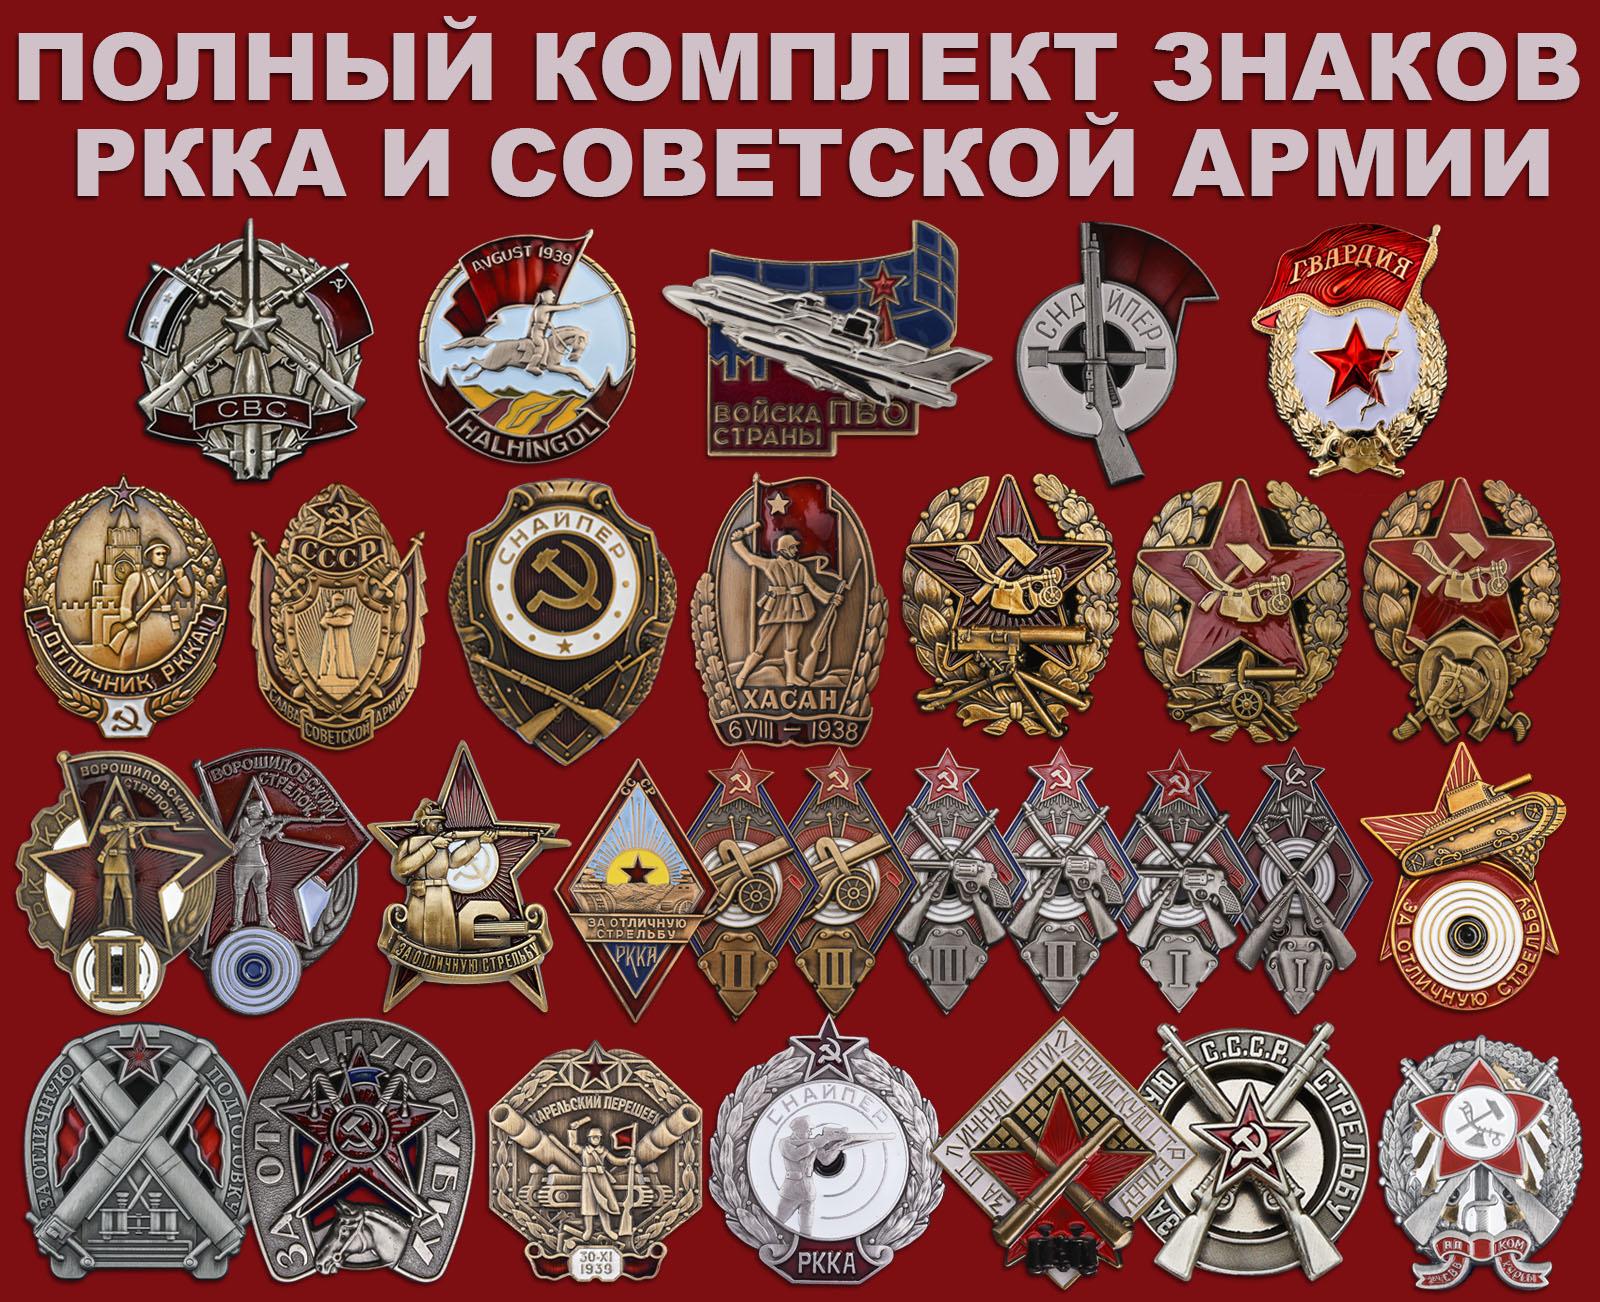 Купить знаки РККА и Советской Армии набором